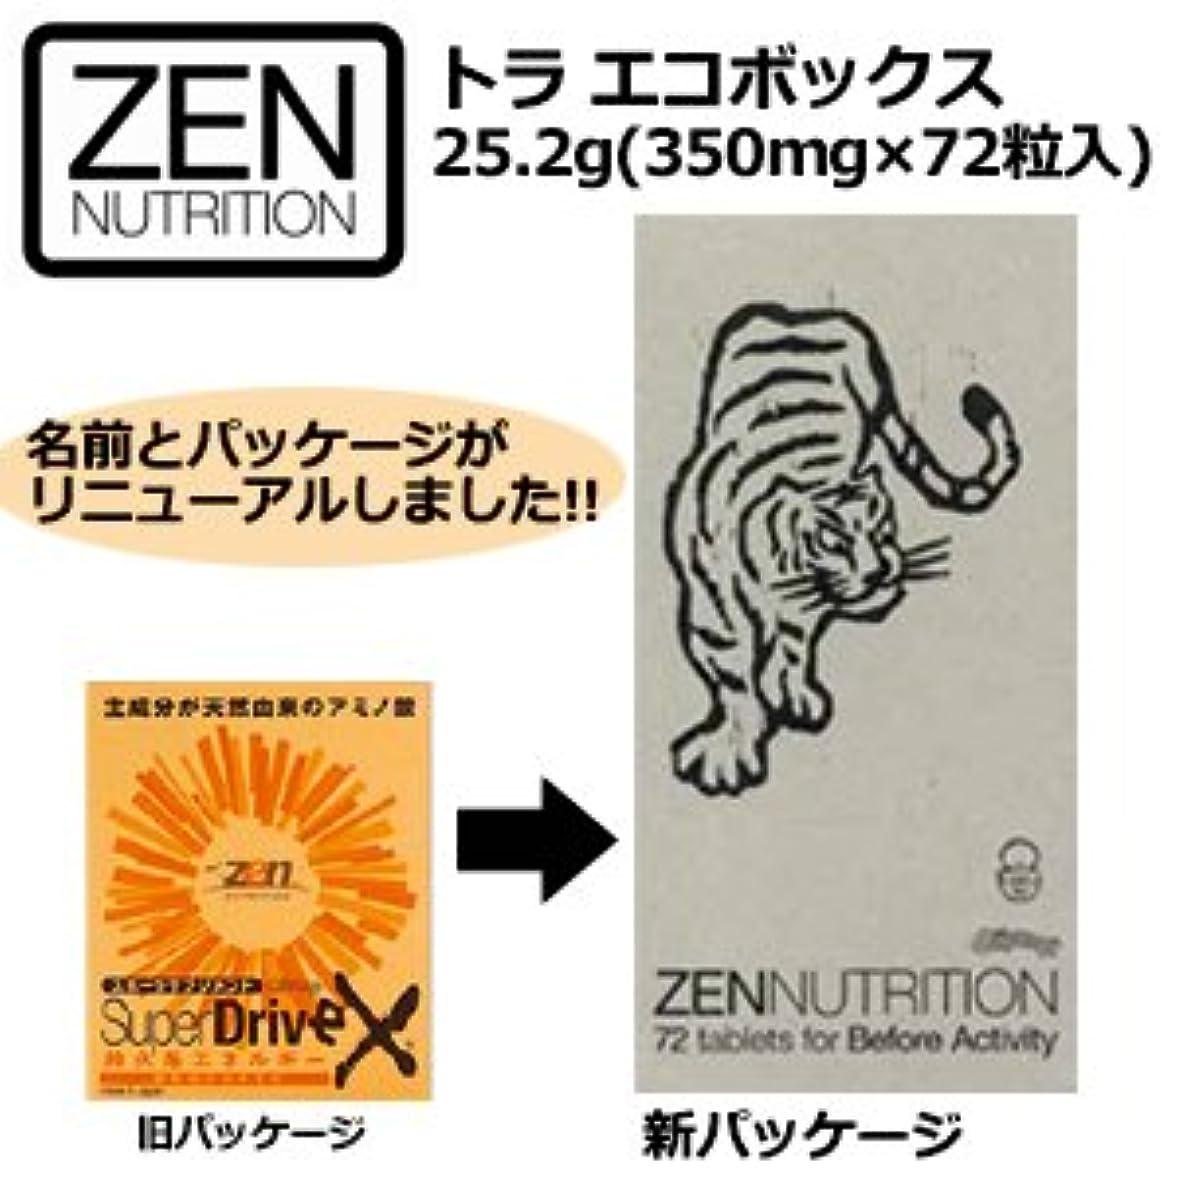 リーダーシップ顕著聖職者ZEN ゼン SUPER DRIVE スーパードライブEX 虎 とら サプリメント アミノ酸●トラ エコボックス 25.2g